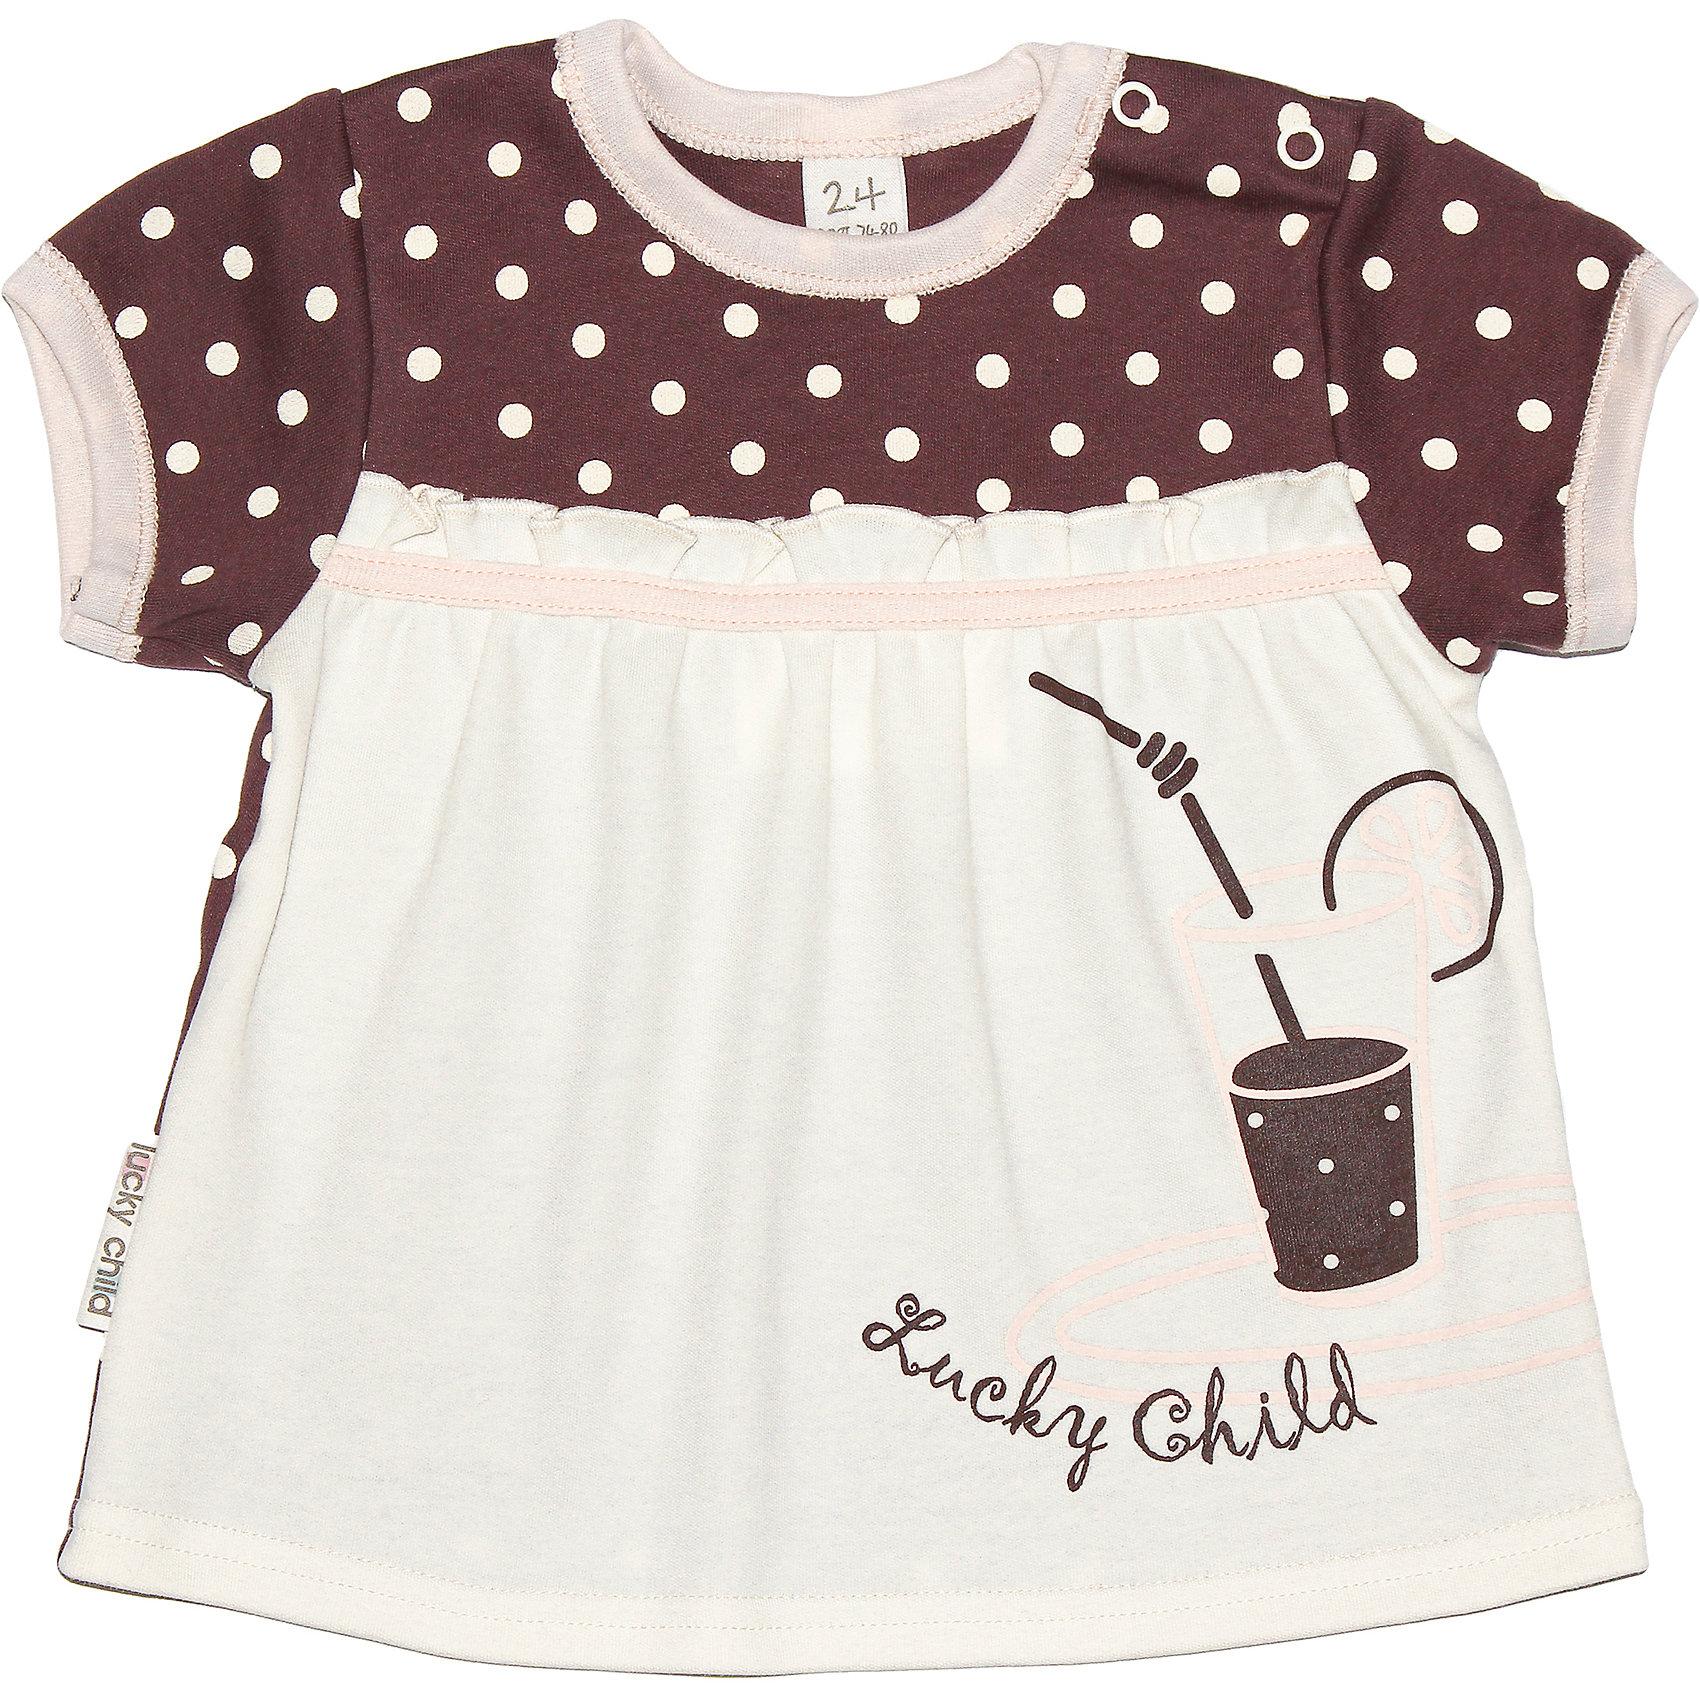 Футболка для девочки Lucky ChildФутболка для девочки Lucky Child<br>От этой футболки невозможно оторвать взгляд! Удивительно мягкая и нежная на ощупь, она понравится даже самой взыскательной девочке. Вся наша одежда создается только из натуральных материалов, что на долгое время сохраняет ее прочность и цвета. Подберите к этой футболке шортики или юбочку и наряд можно считать готовым.<br>Состав : 100% хлопок<br><br>Ширина мм: 157<br>Глубина мм: 13<br>Высота мм: 119<br>Вес г: 200<br>Цвет: коричневый<br>Возраст от месяцев: 6<br>Возраст до месяцев: 9<br>Пол: Женский<br>Возраст: Детский<br>Размер: 68/74,110/116,74/80,92/98,86/92,80/86,104/110,98/104,62/68,116/122<br>SKU: 4807324